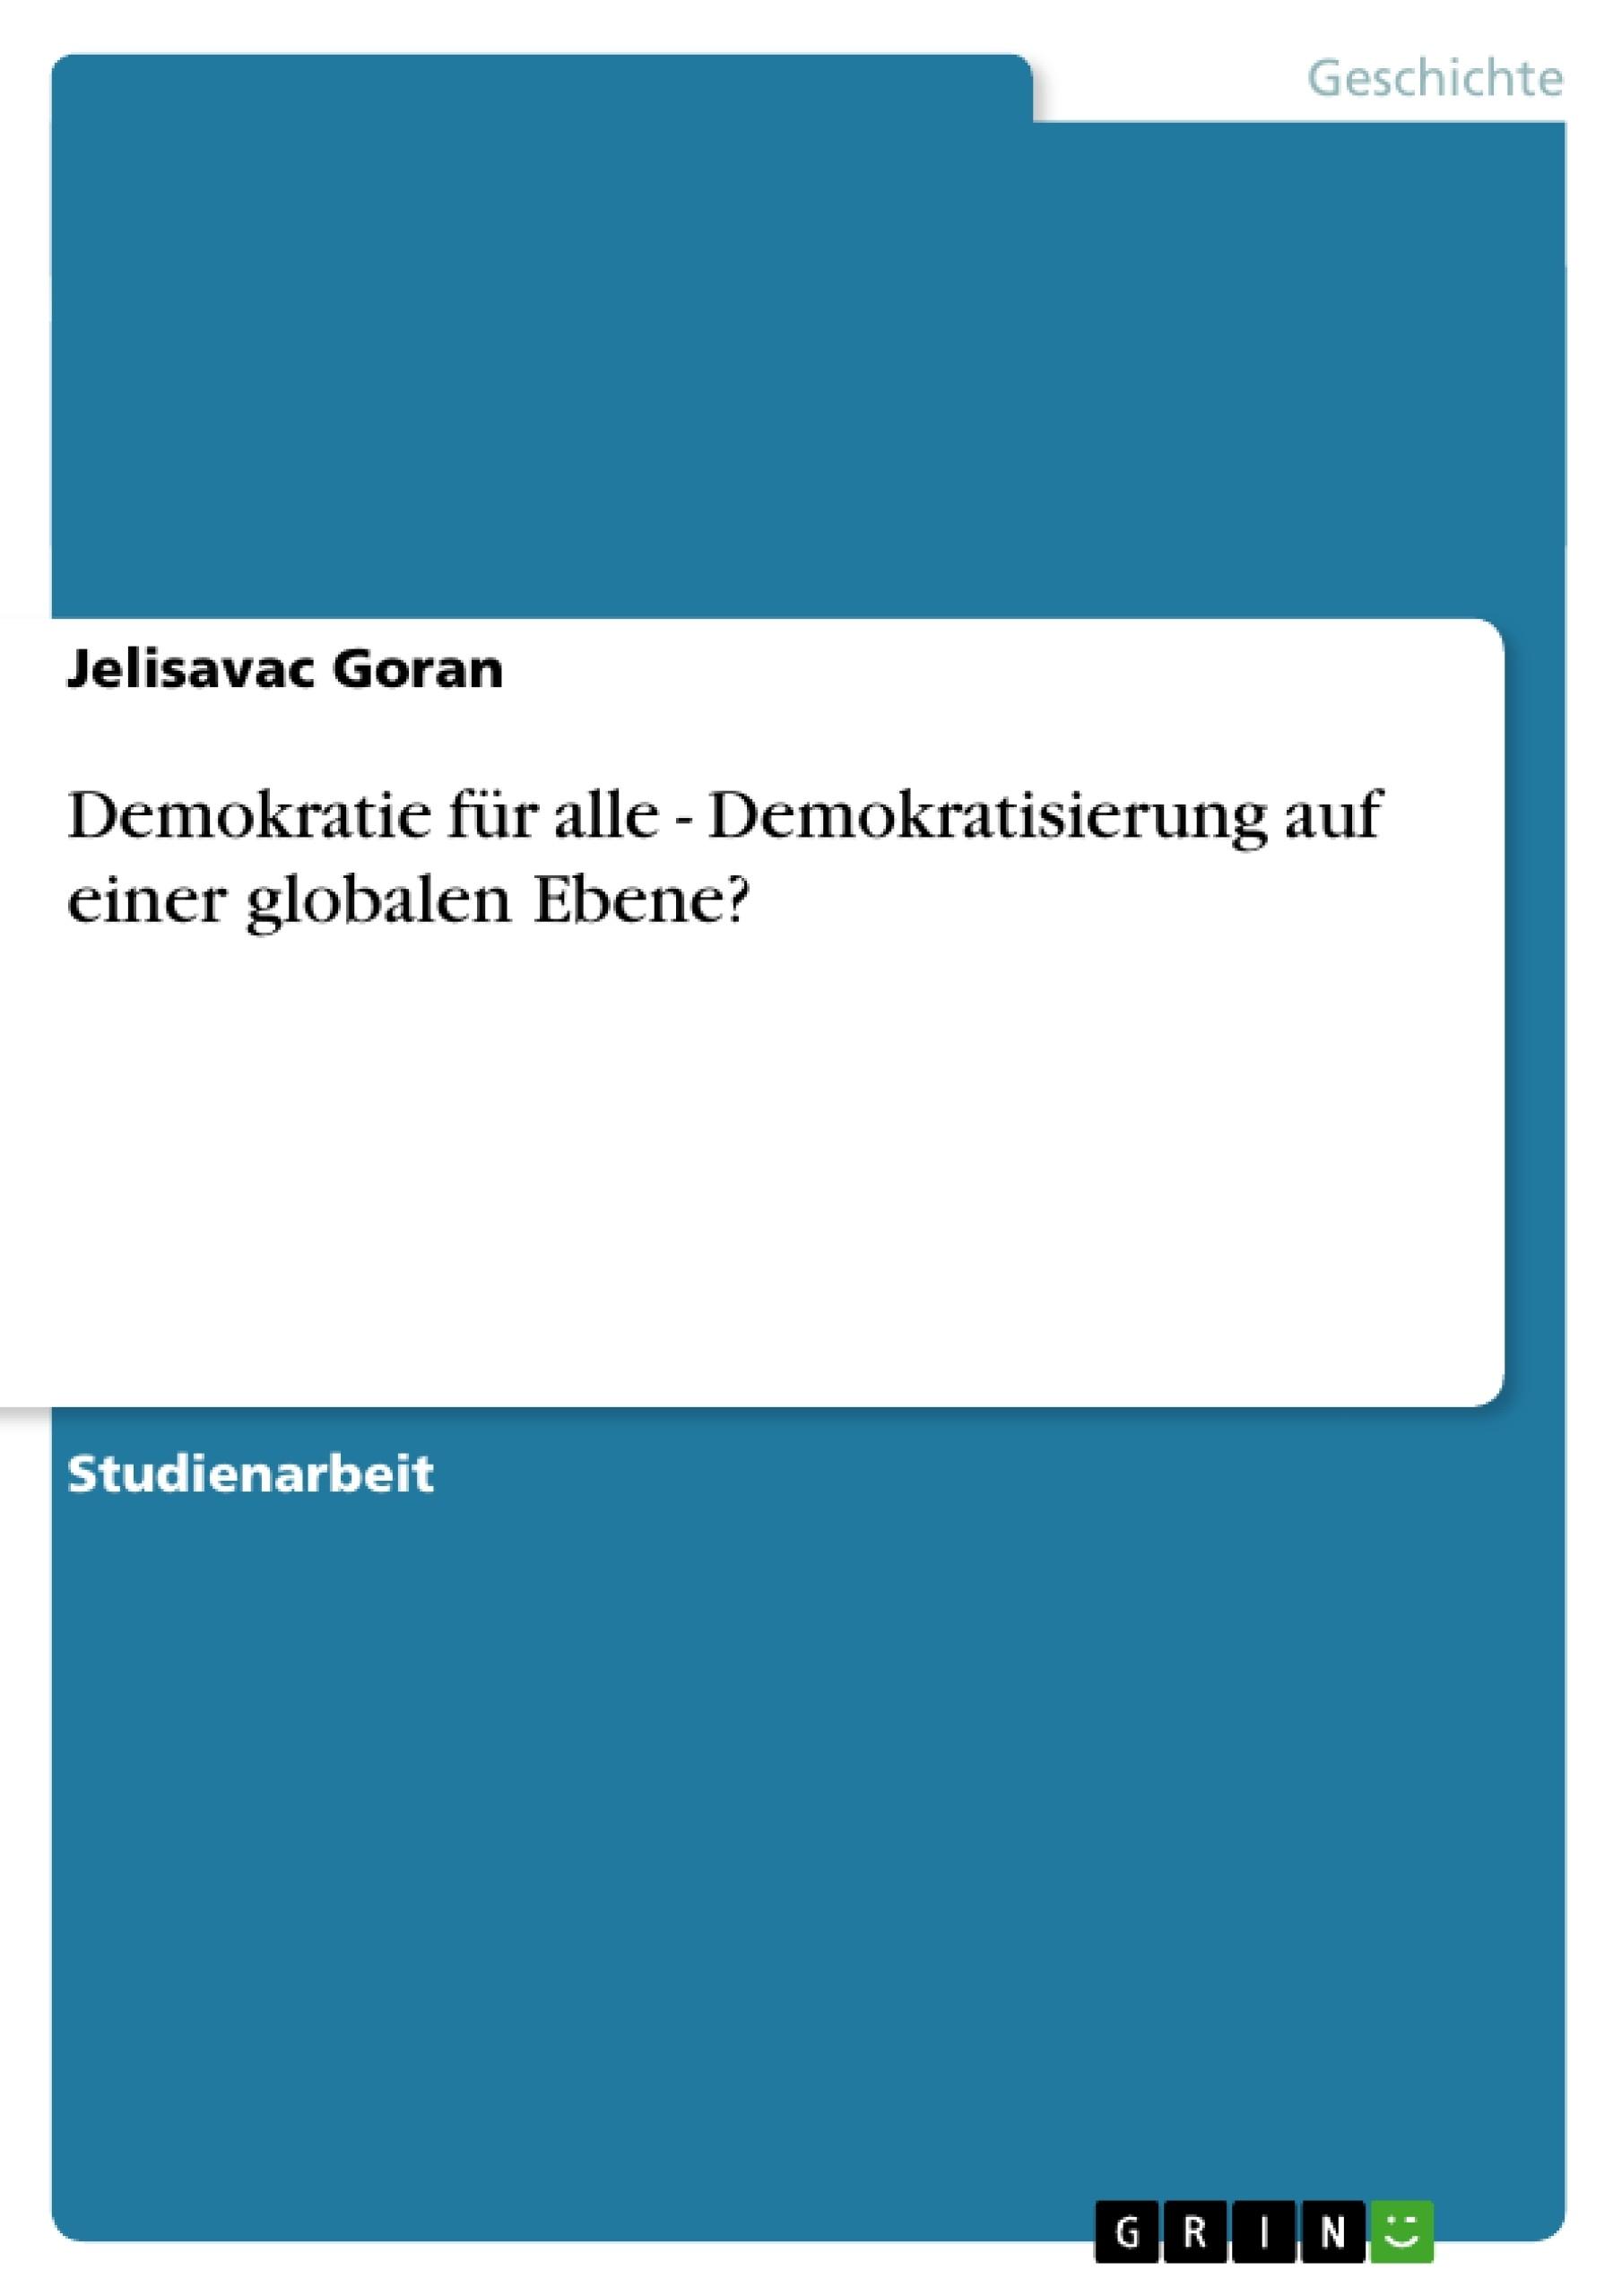 Titel: Demokratie für alle - Demokratisierung auf einer globalen Ebene?